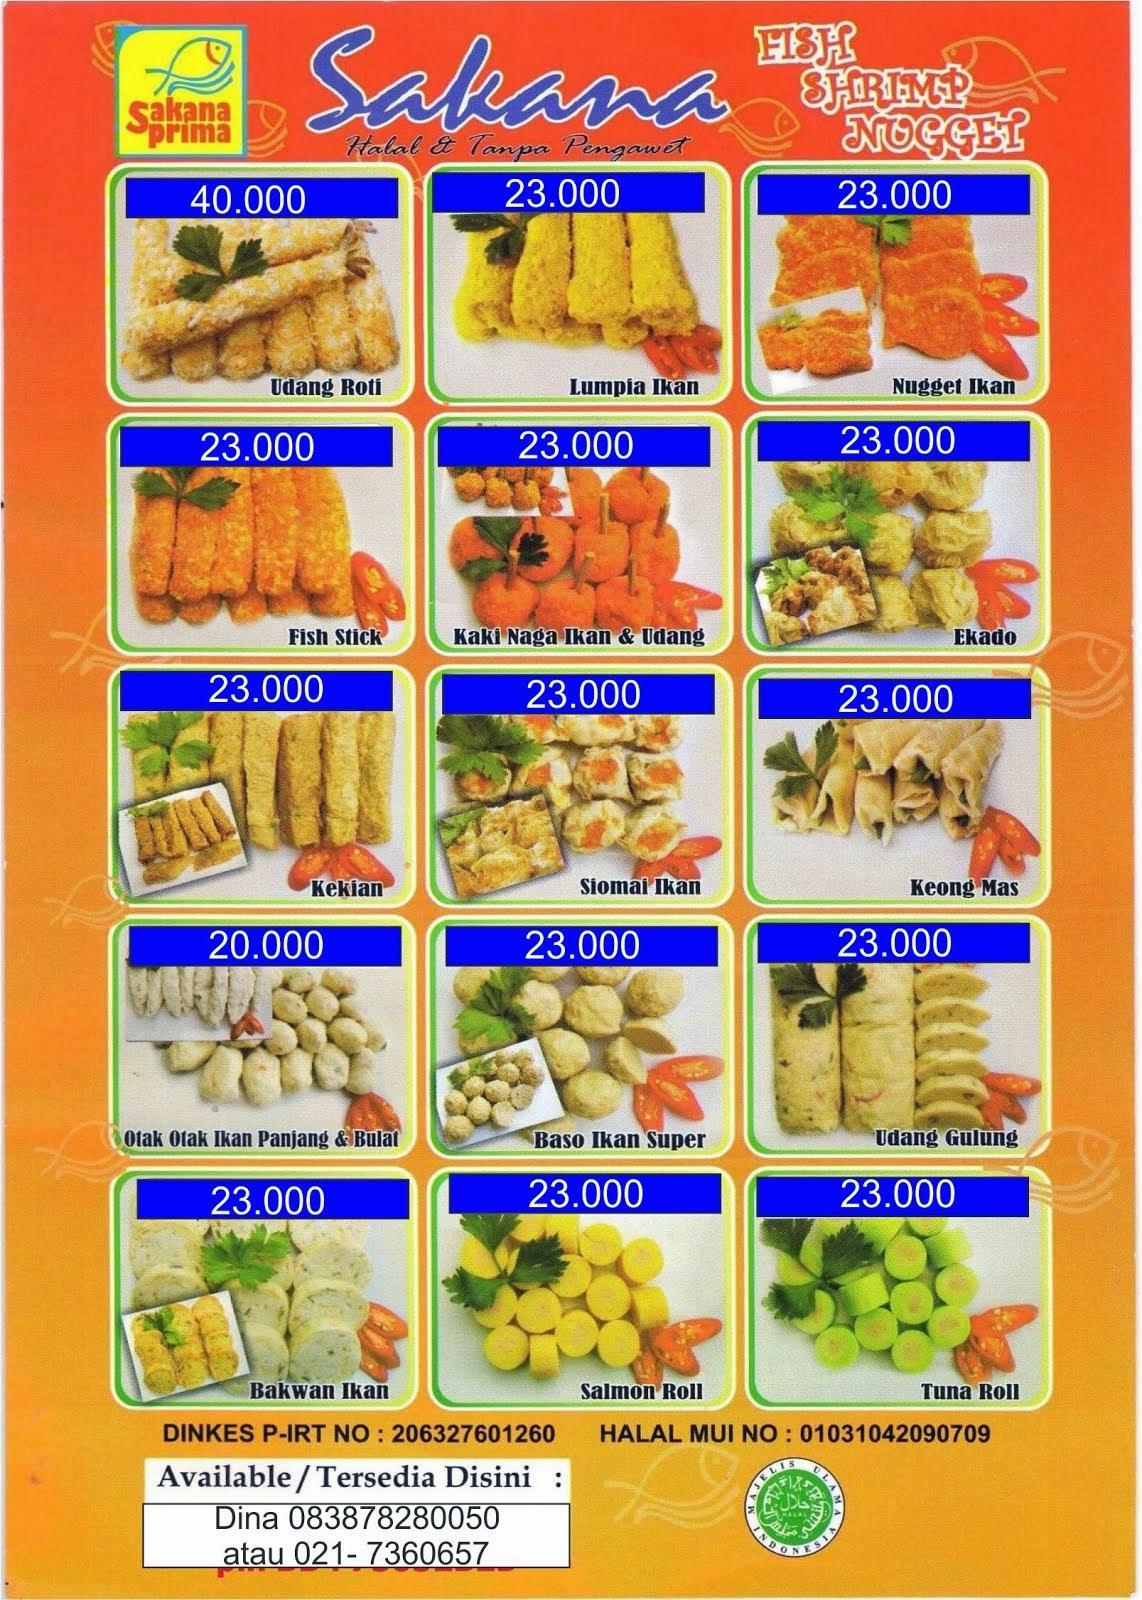 Sakana Food